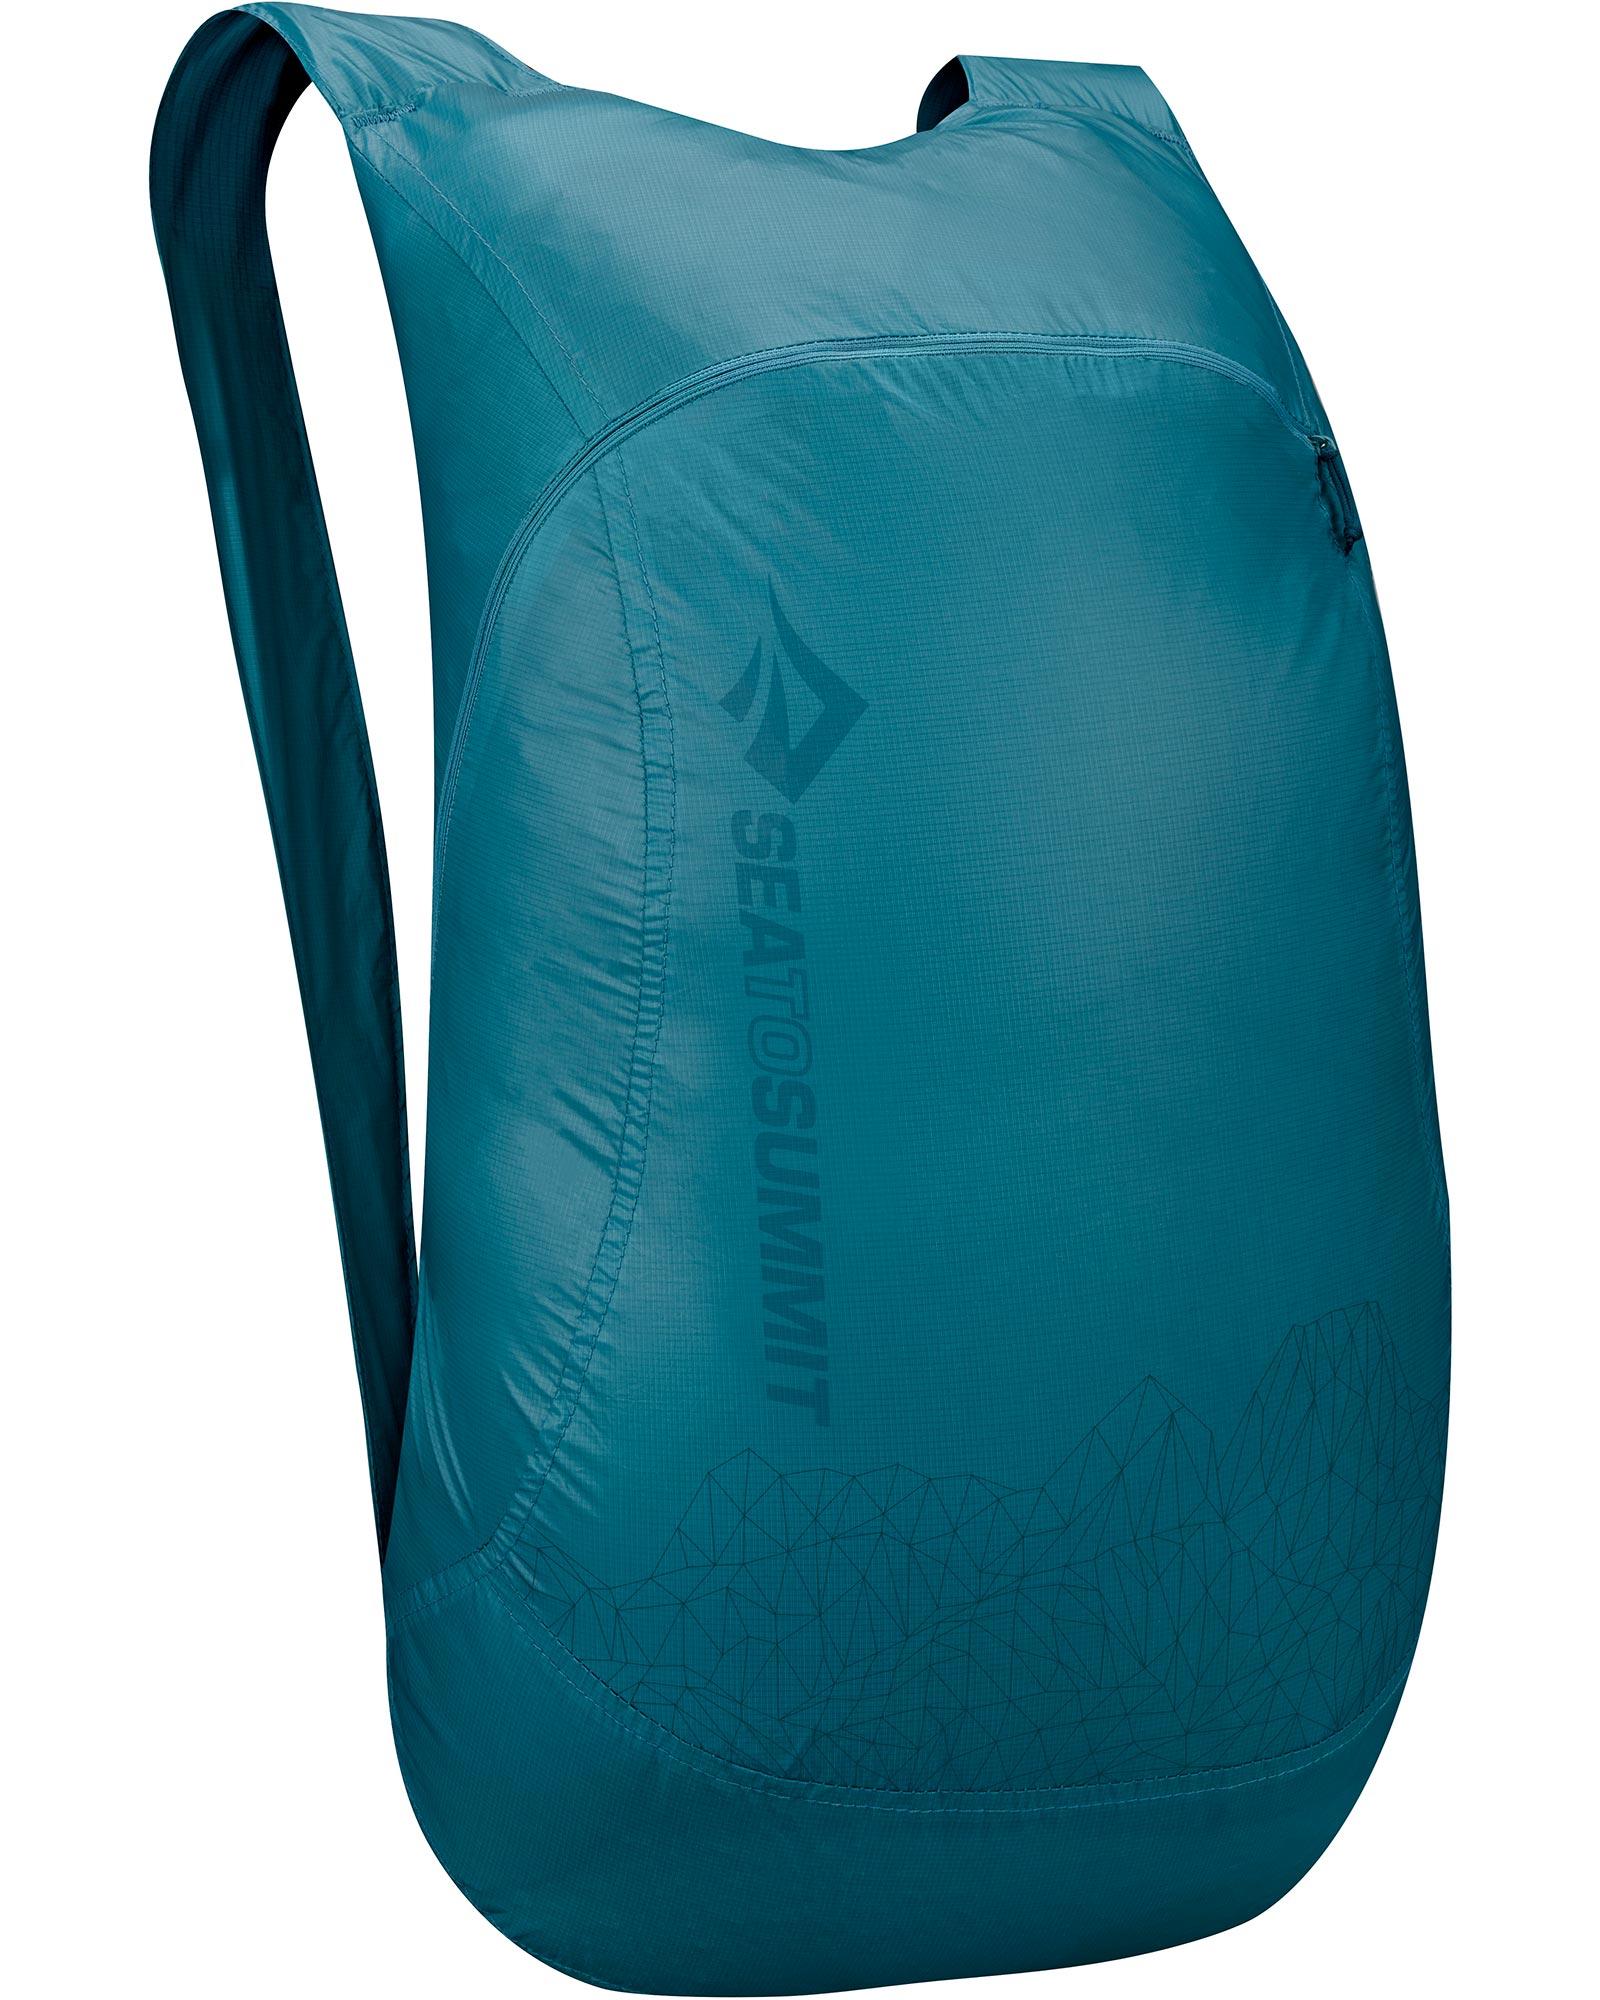 Sea to Summit Ultra-Sil Nano Backpack 0